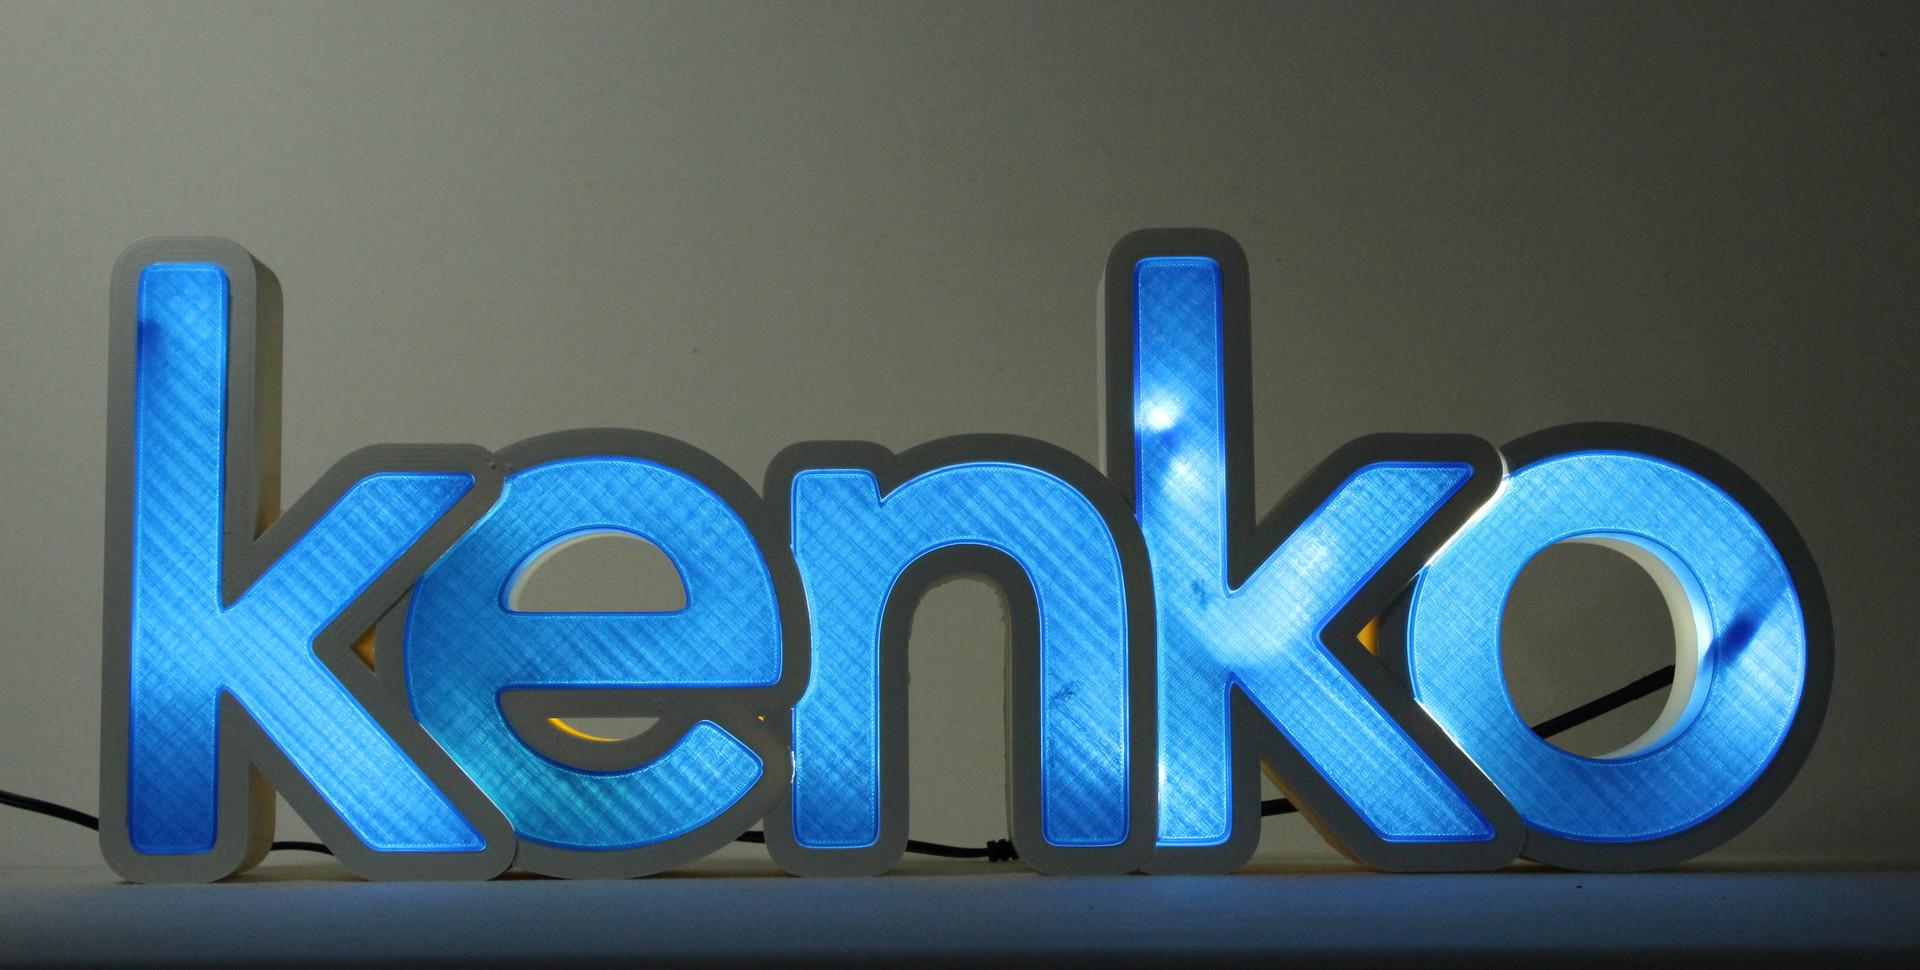 Letrero luminoso Kenko